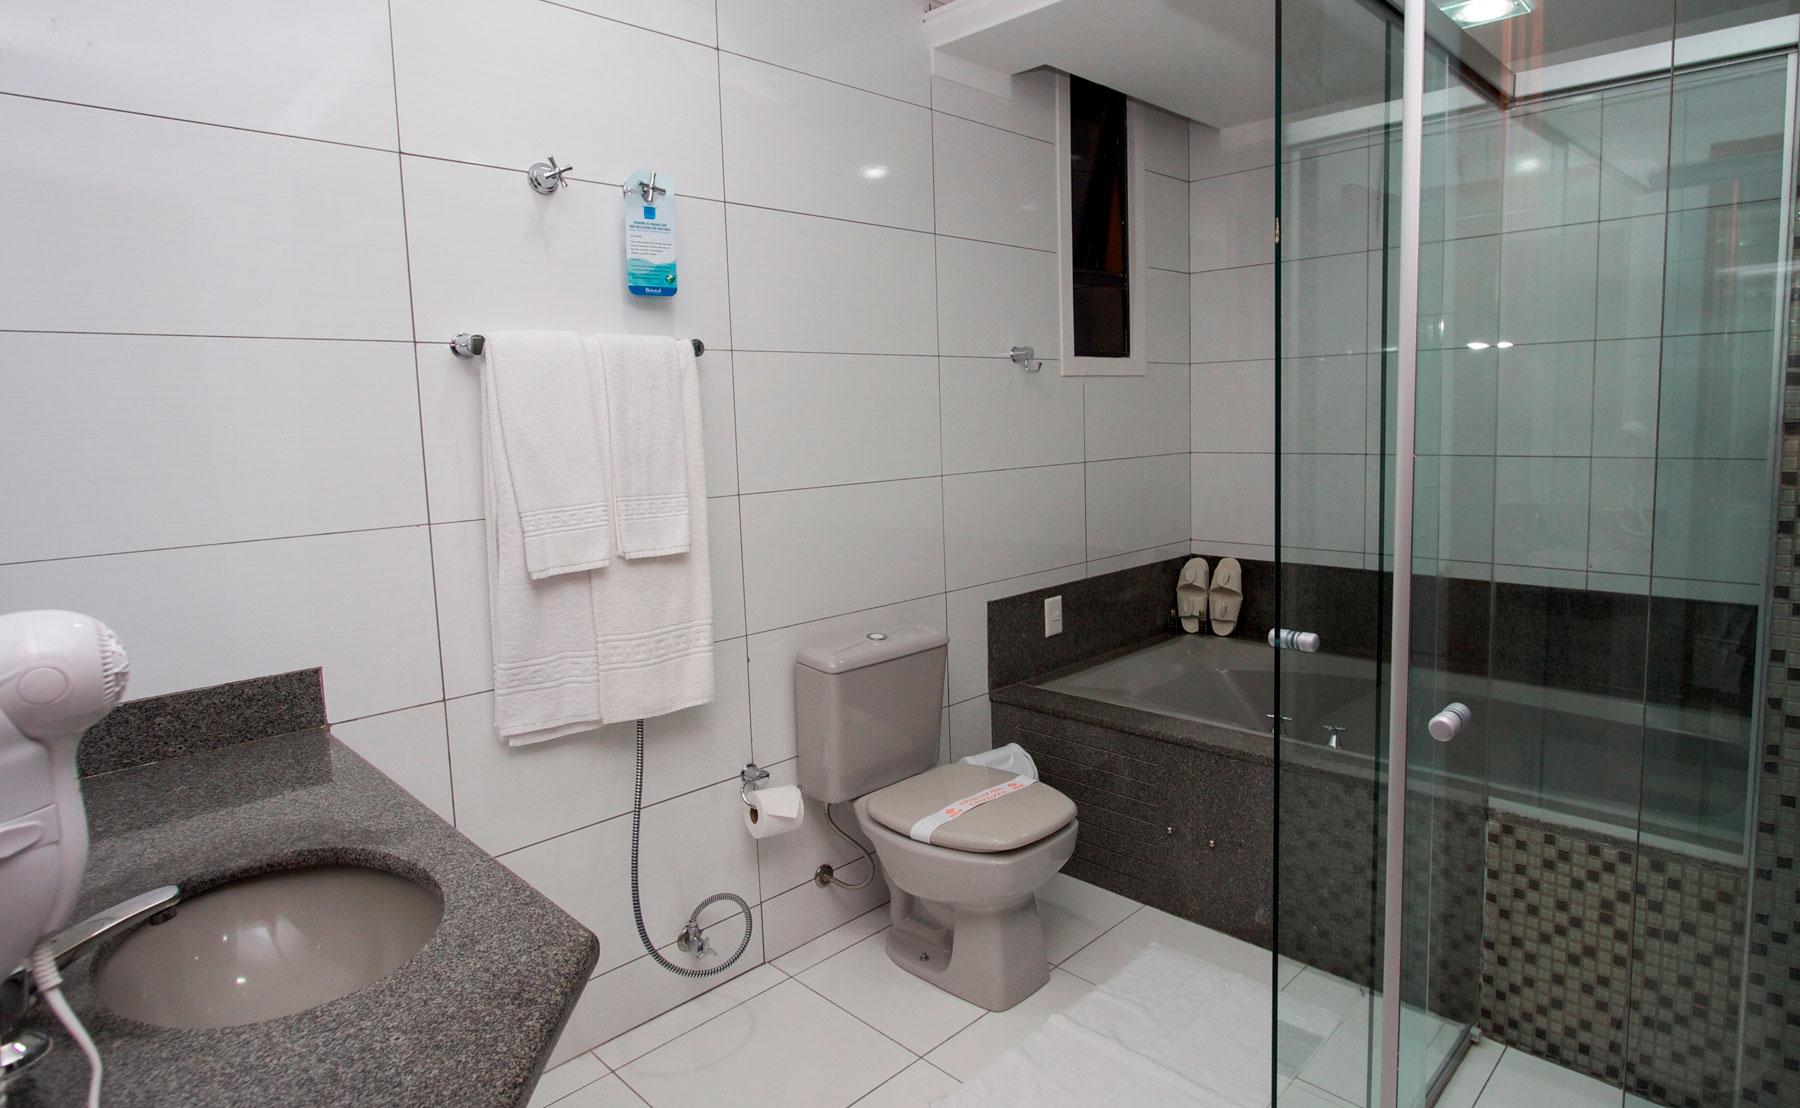 banheiro-exceler